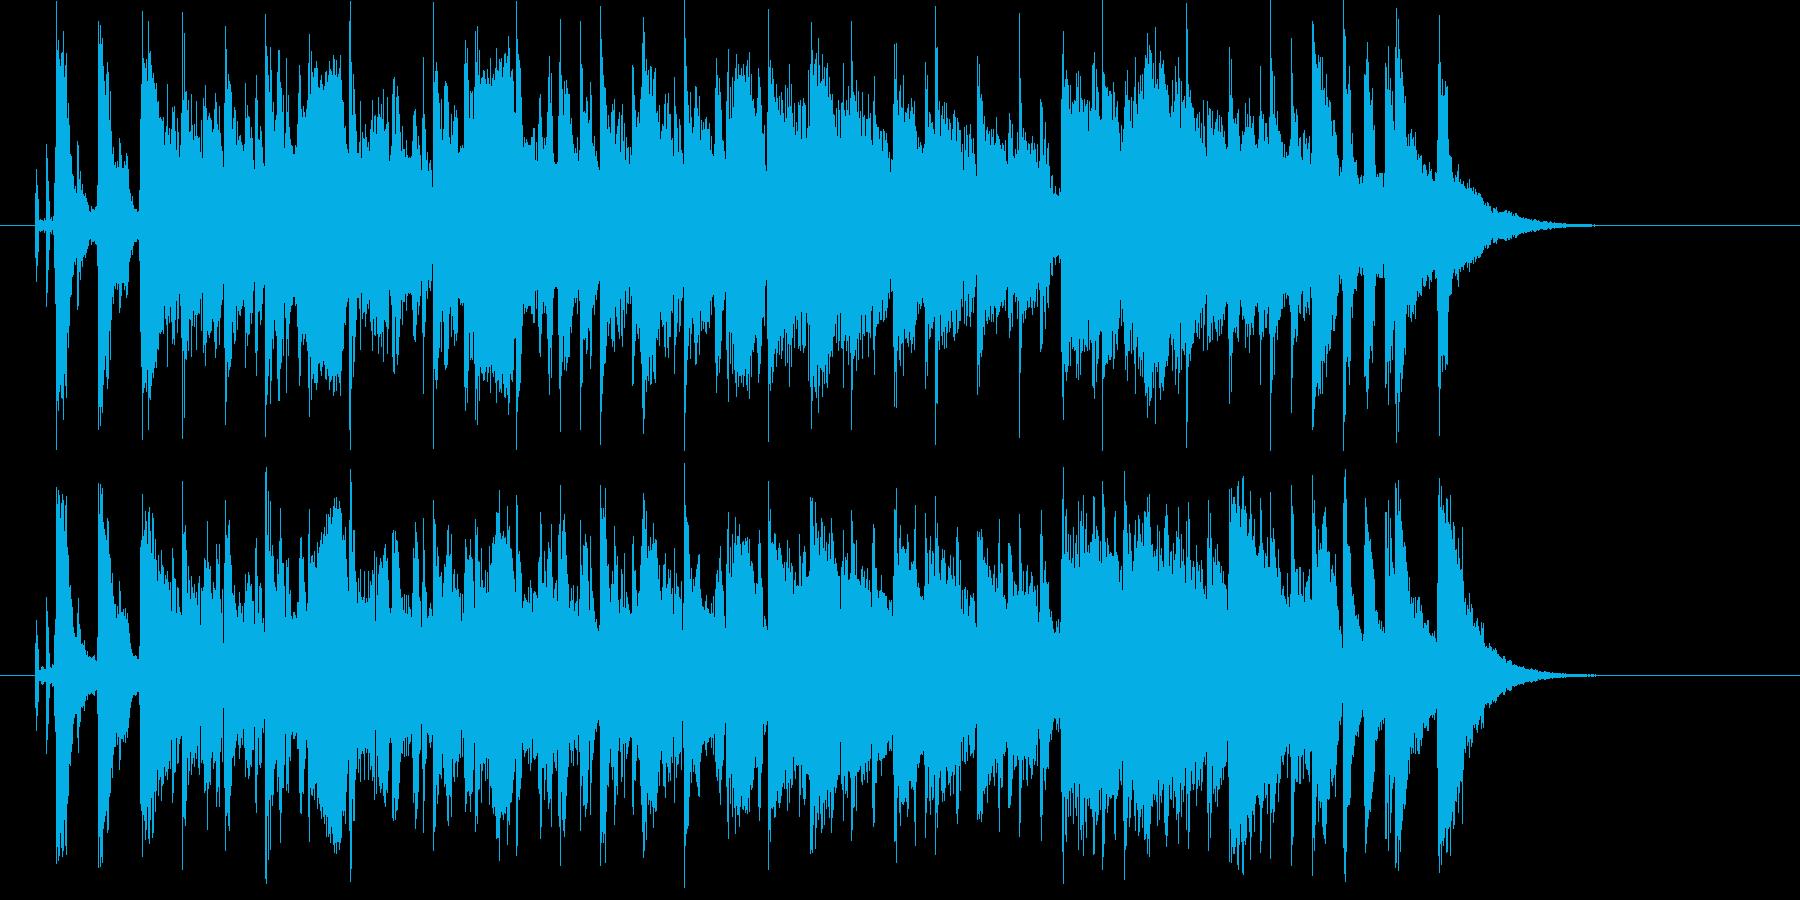 爽やかで広がりのあるシンセの曲の再生済みの波形